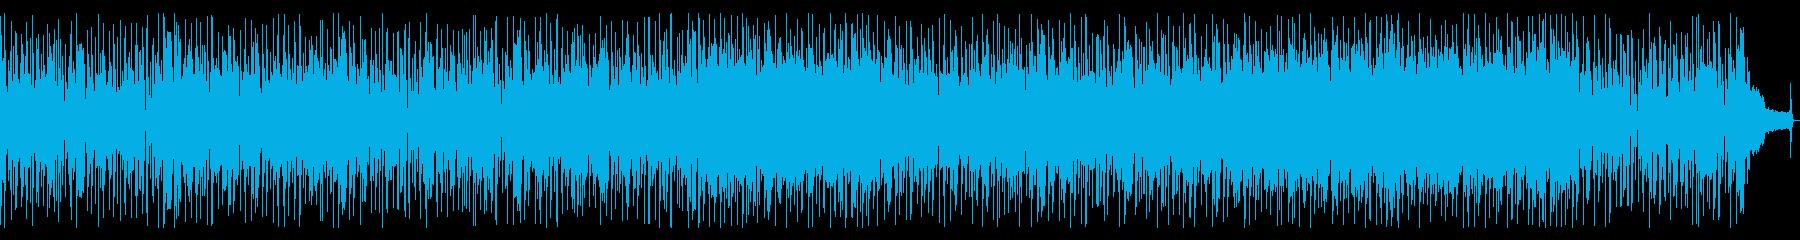 サックスが切ないアーバンスムースジャズの再生済みの波形